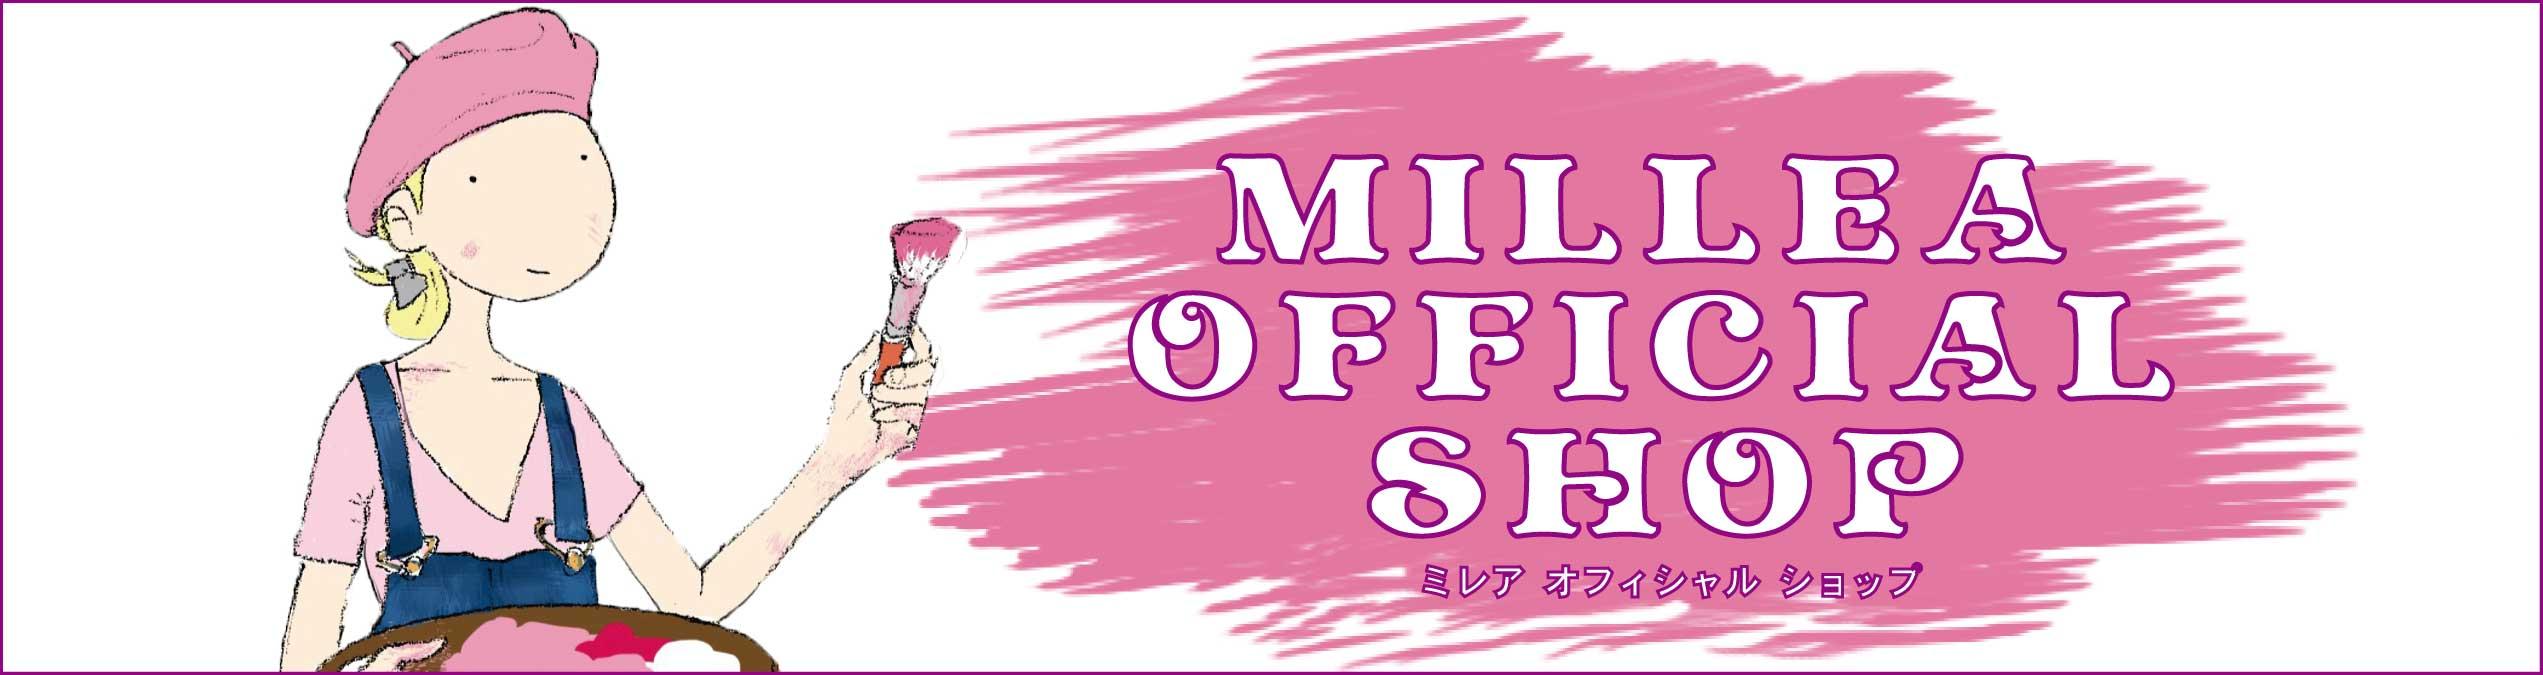 MILLEA OFFICIAL SHOP